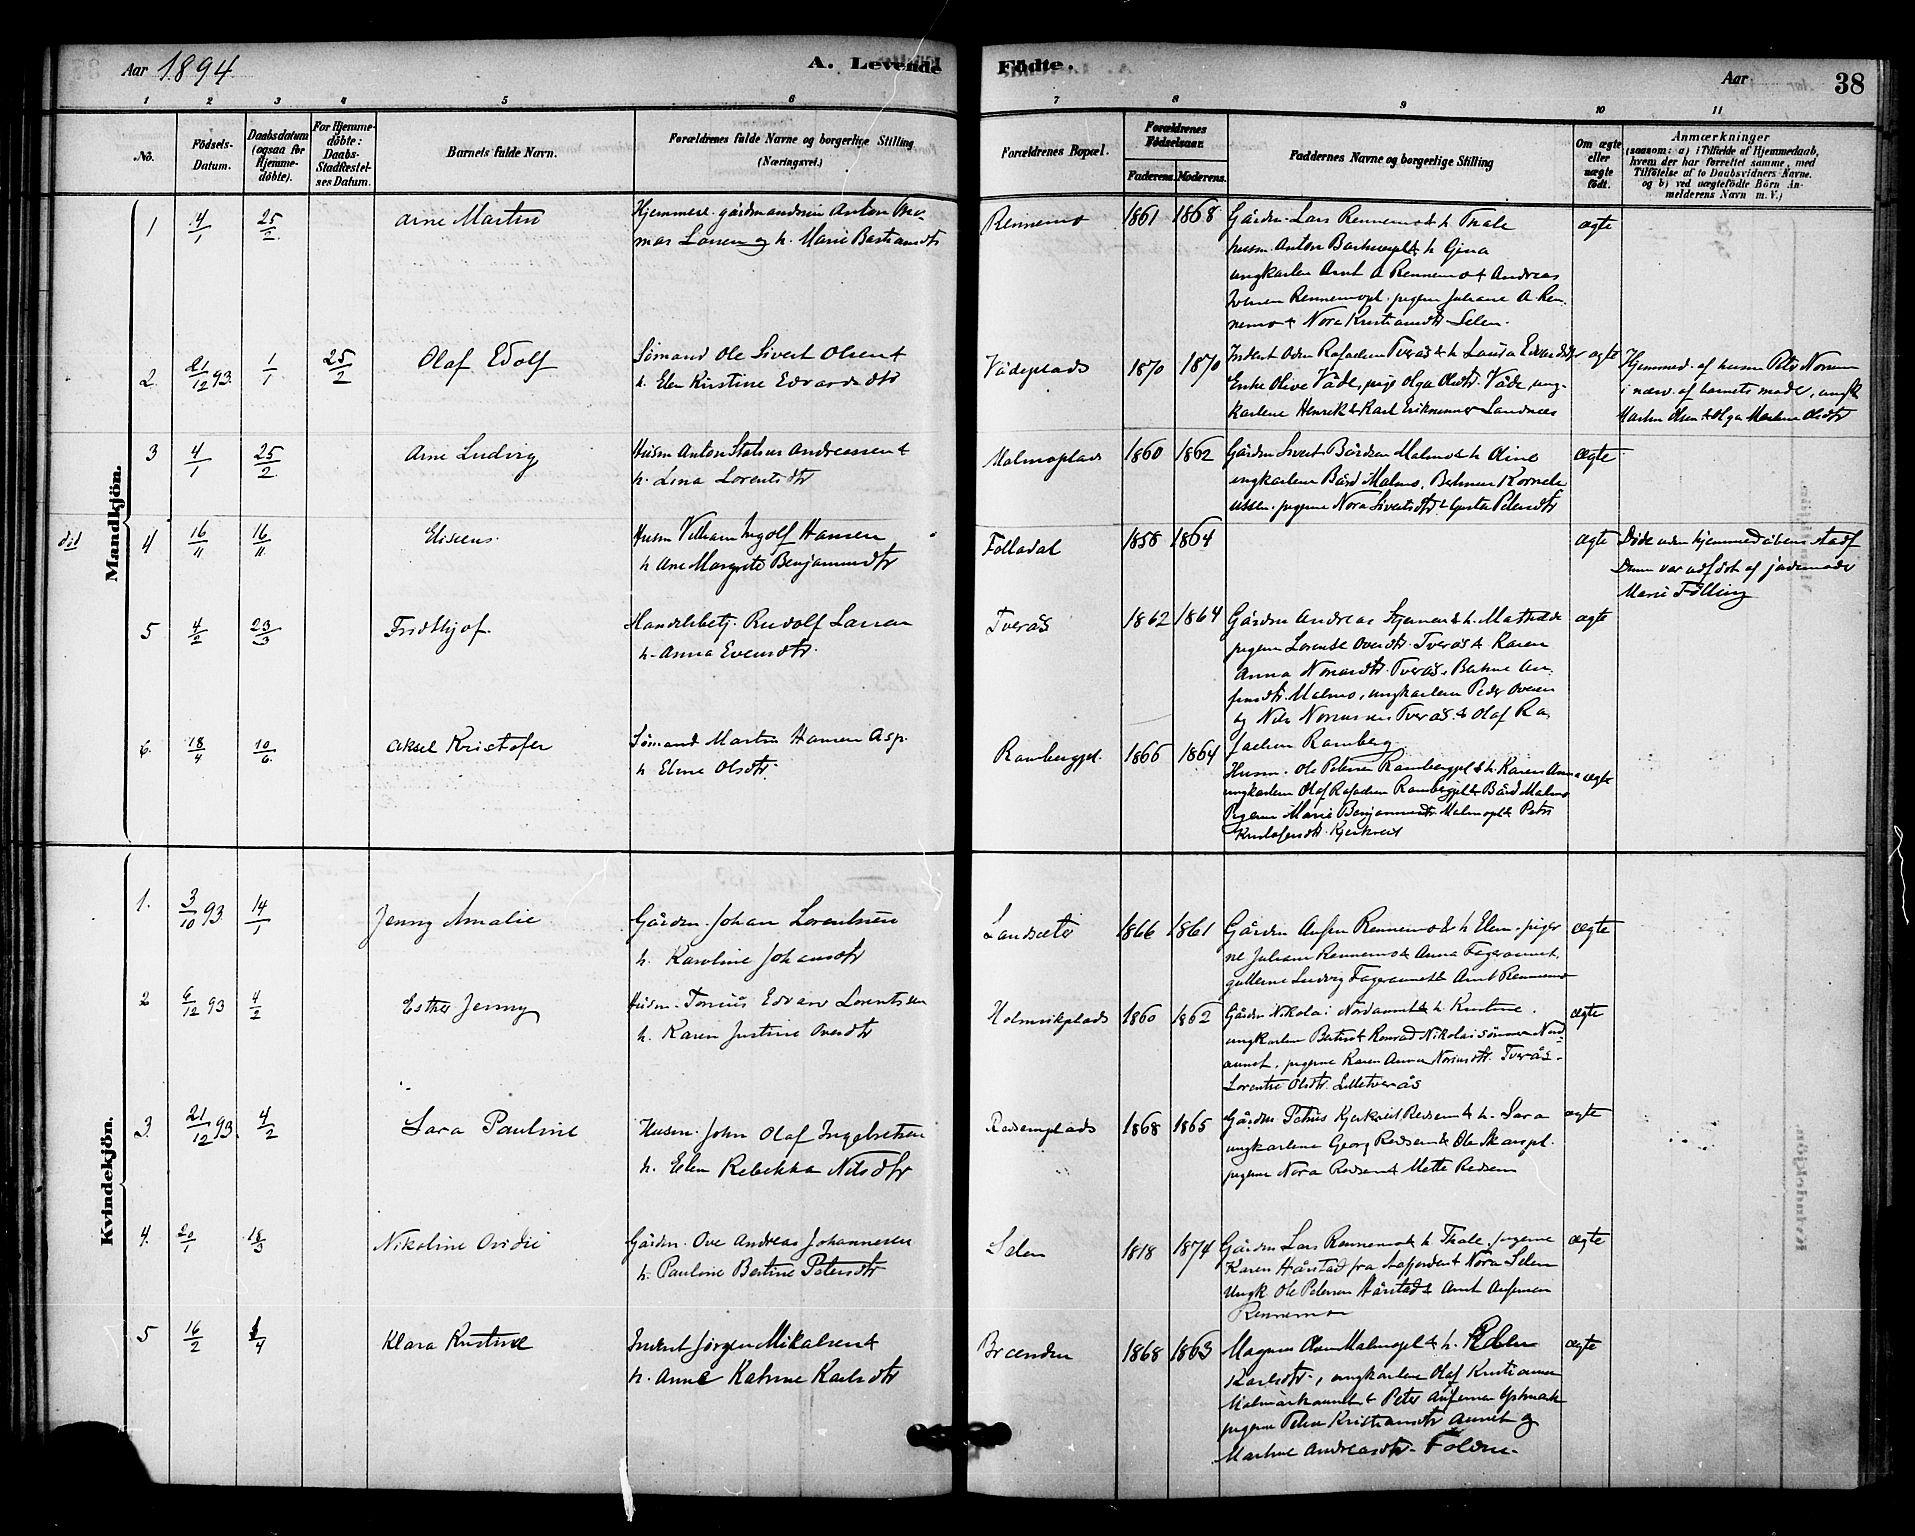 SAT, Ministerialprotokoller, klokkerbøker og fødselsregistre - Nord-Trøndelag, 745/L0429: Ministerialbok nr. 745A01, 1878-1894, s. 38